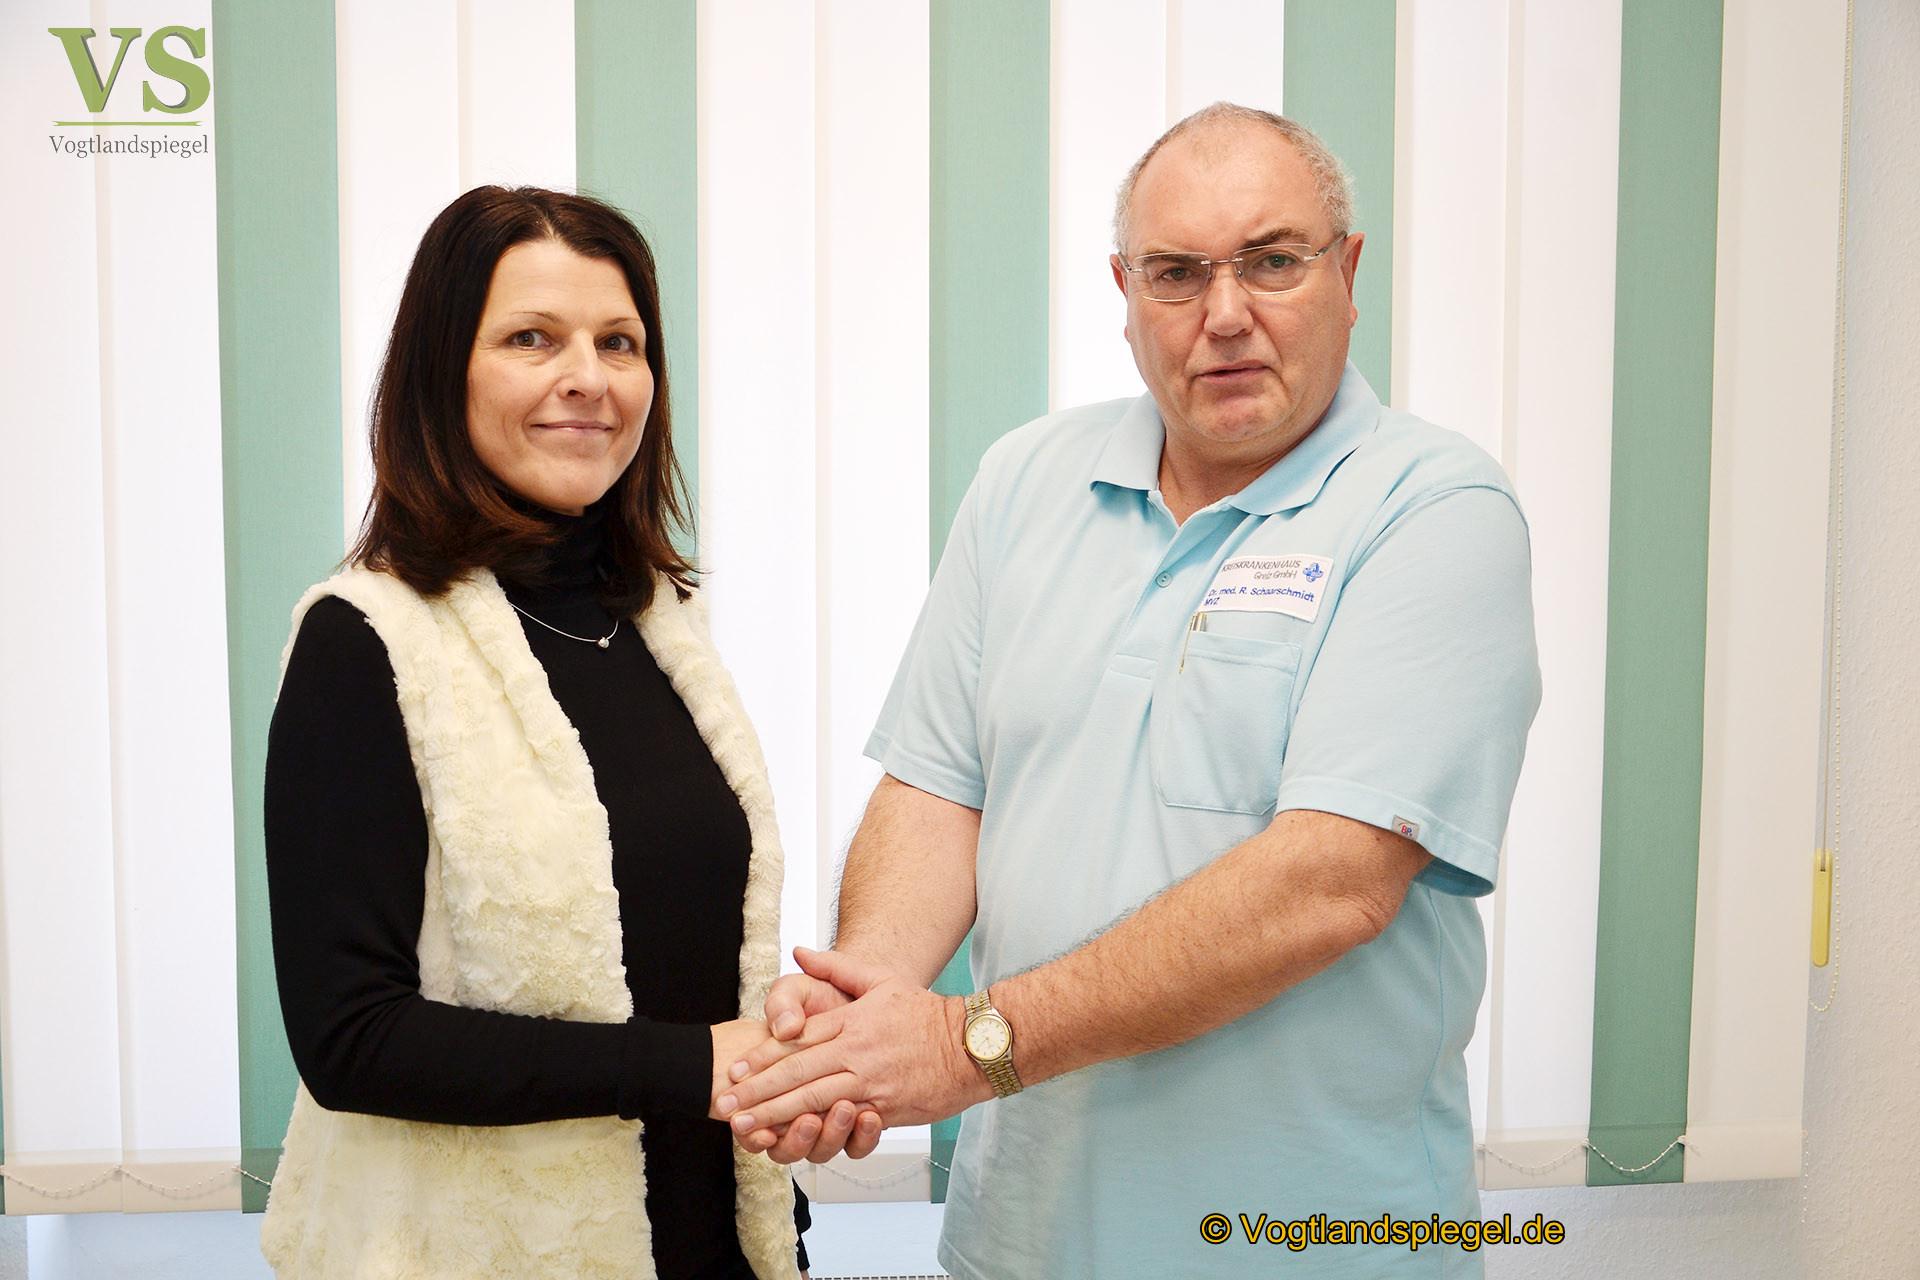 Seit 1. Januar 2018 betreibt Dr. med. Rolf Schaarschmidt die Chirurgische Praxis auf dem Greizer Gartenweg 2 (Ehemals Dr. med. Petra Linke)